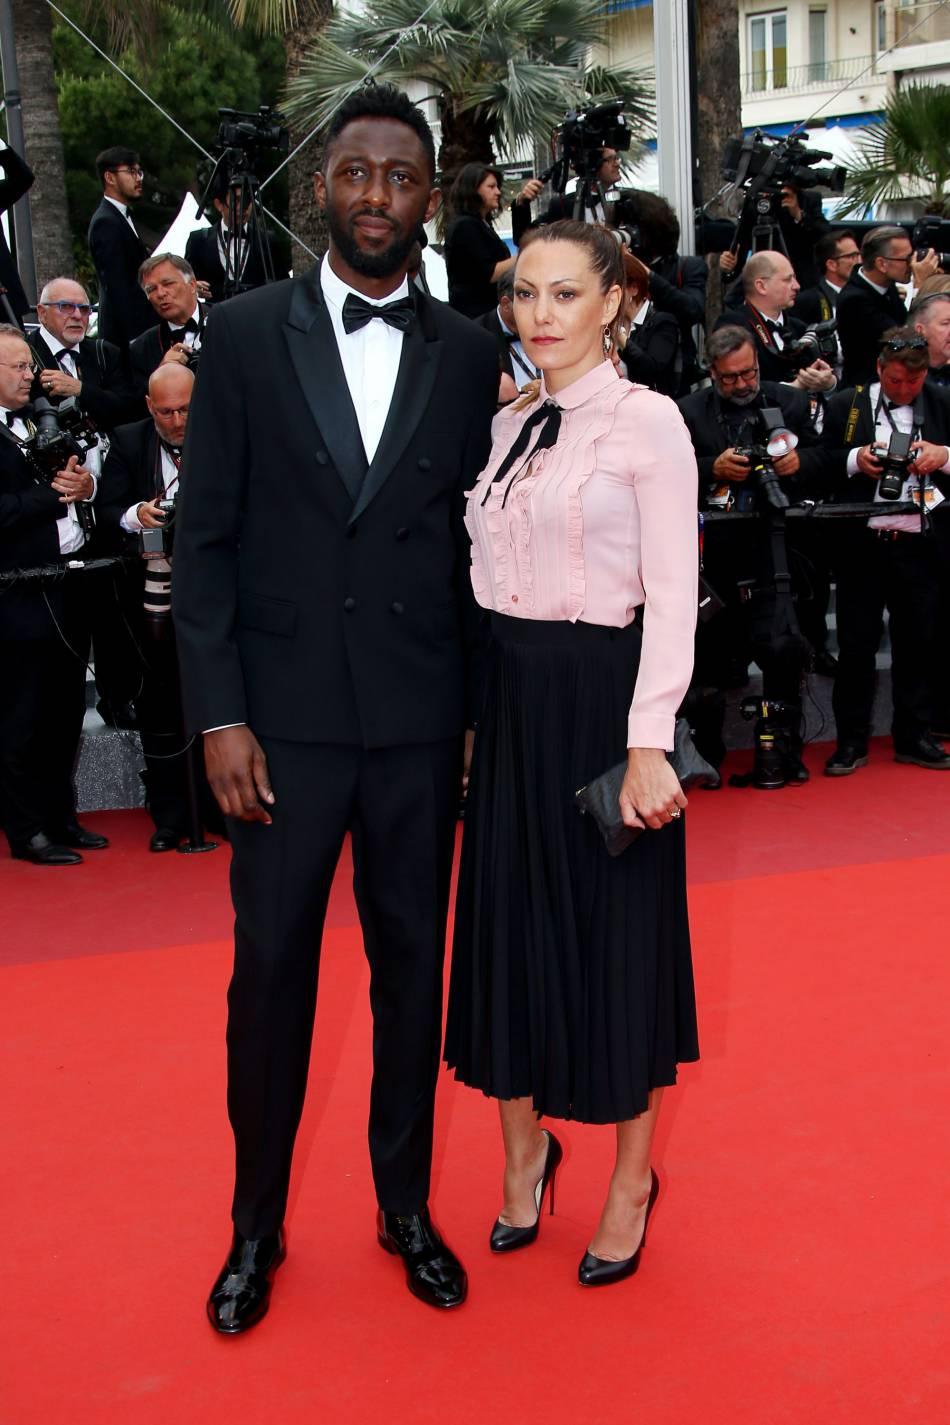 Thomas Ngijol et sa compagne Karole Rocher sur la Croisette, le 22 mai 2016.